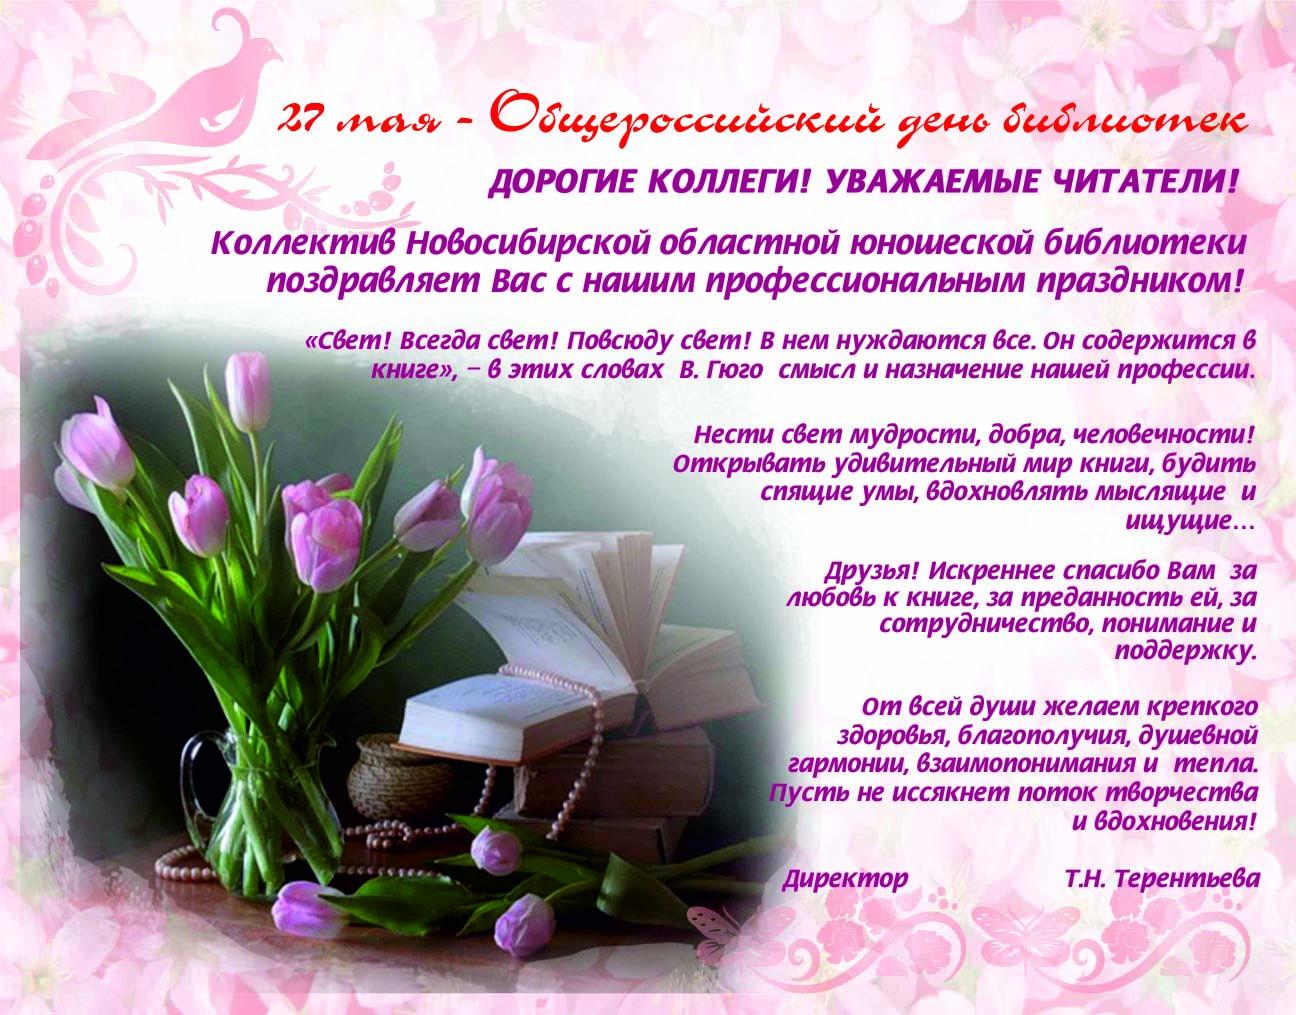 Поздравления библиотекарю с профессиональным праздником